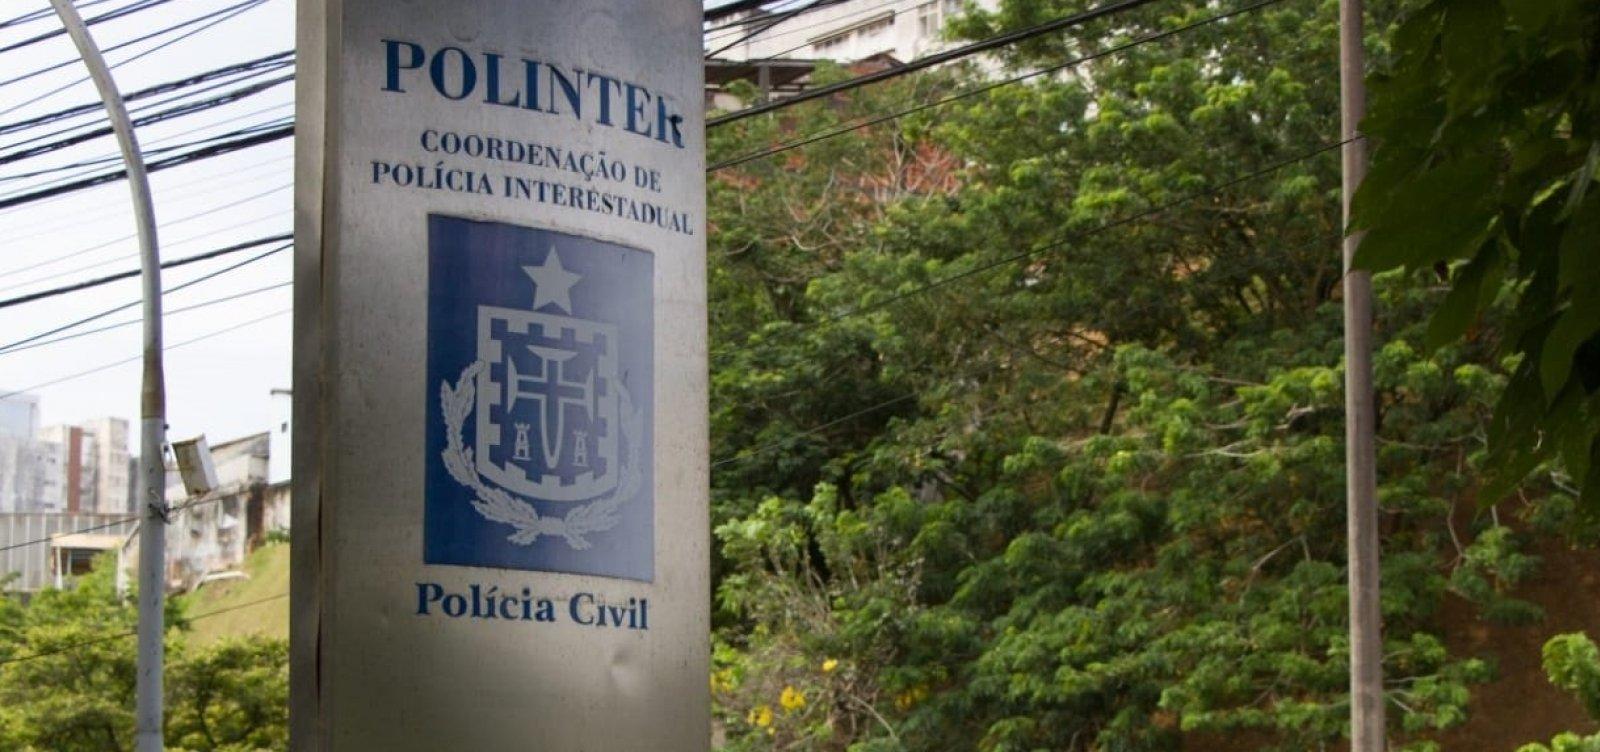 Suspeito de assassinato, homem é preso pela polícia fazendo o RG